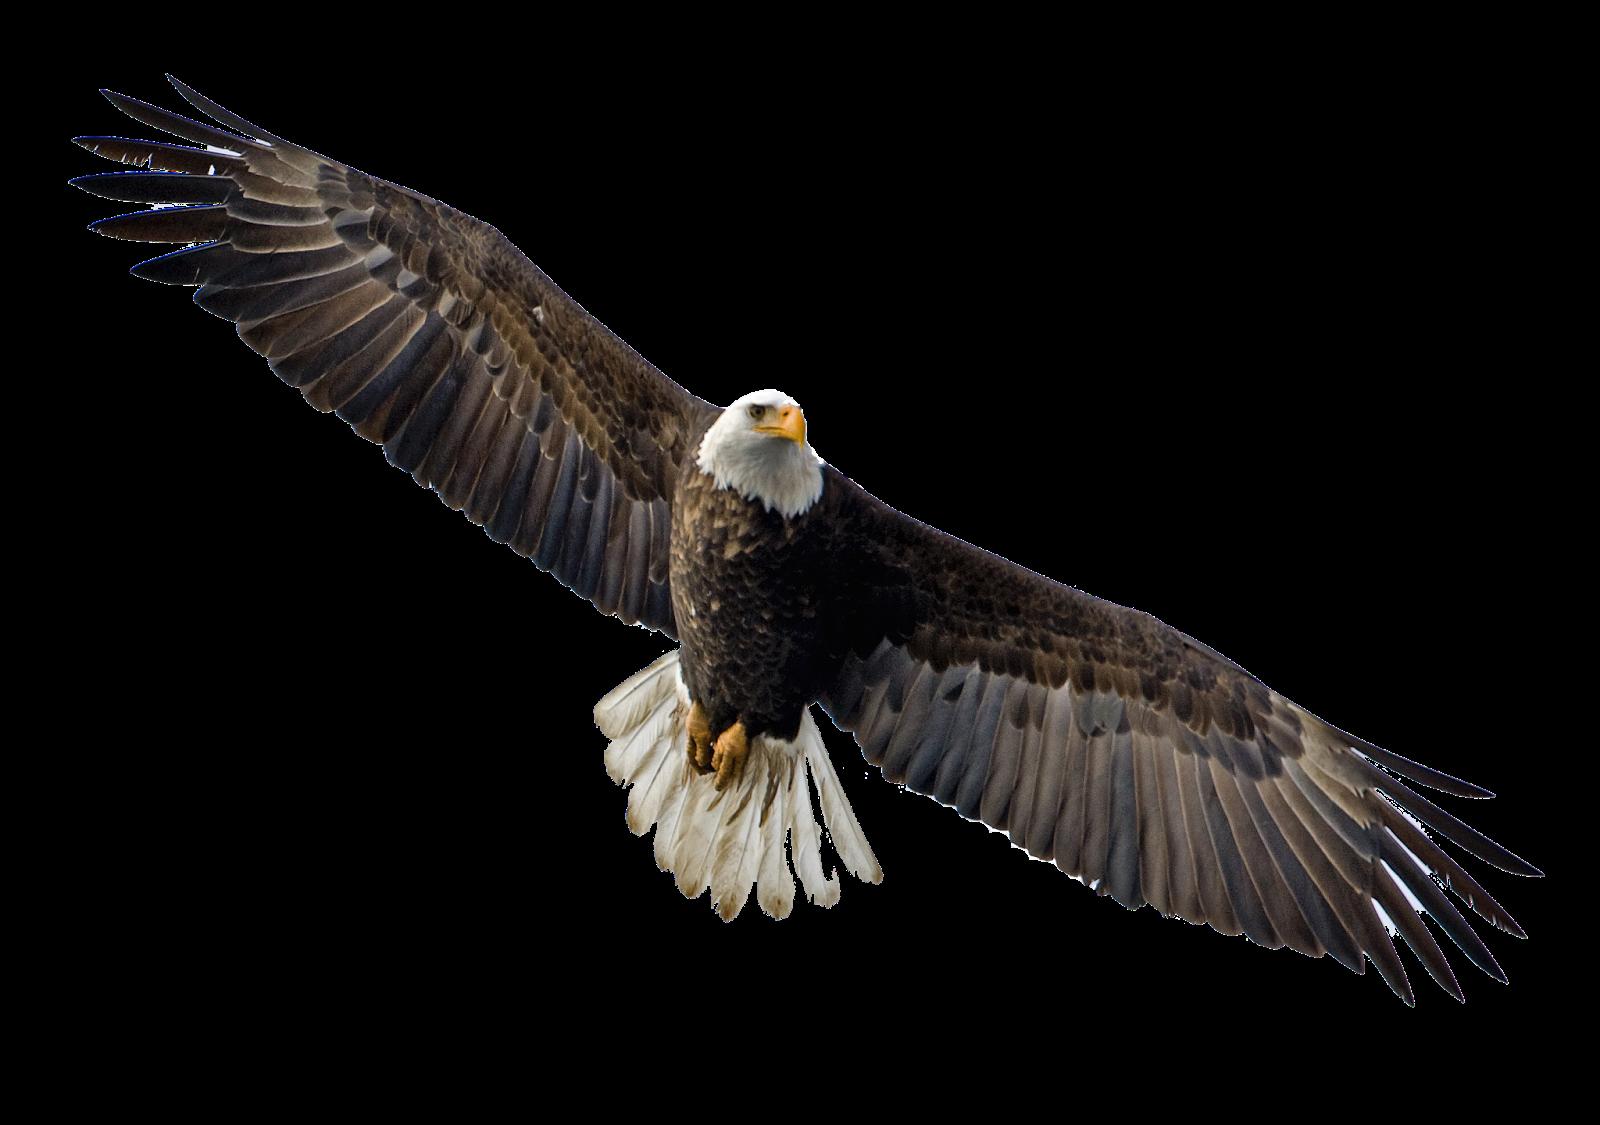 Flying Eagle PNG Image - Eagle PNG